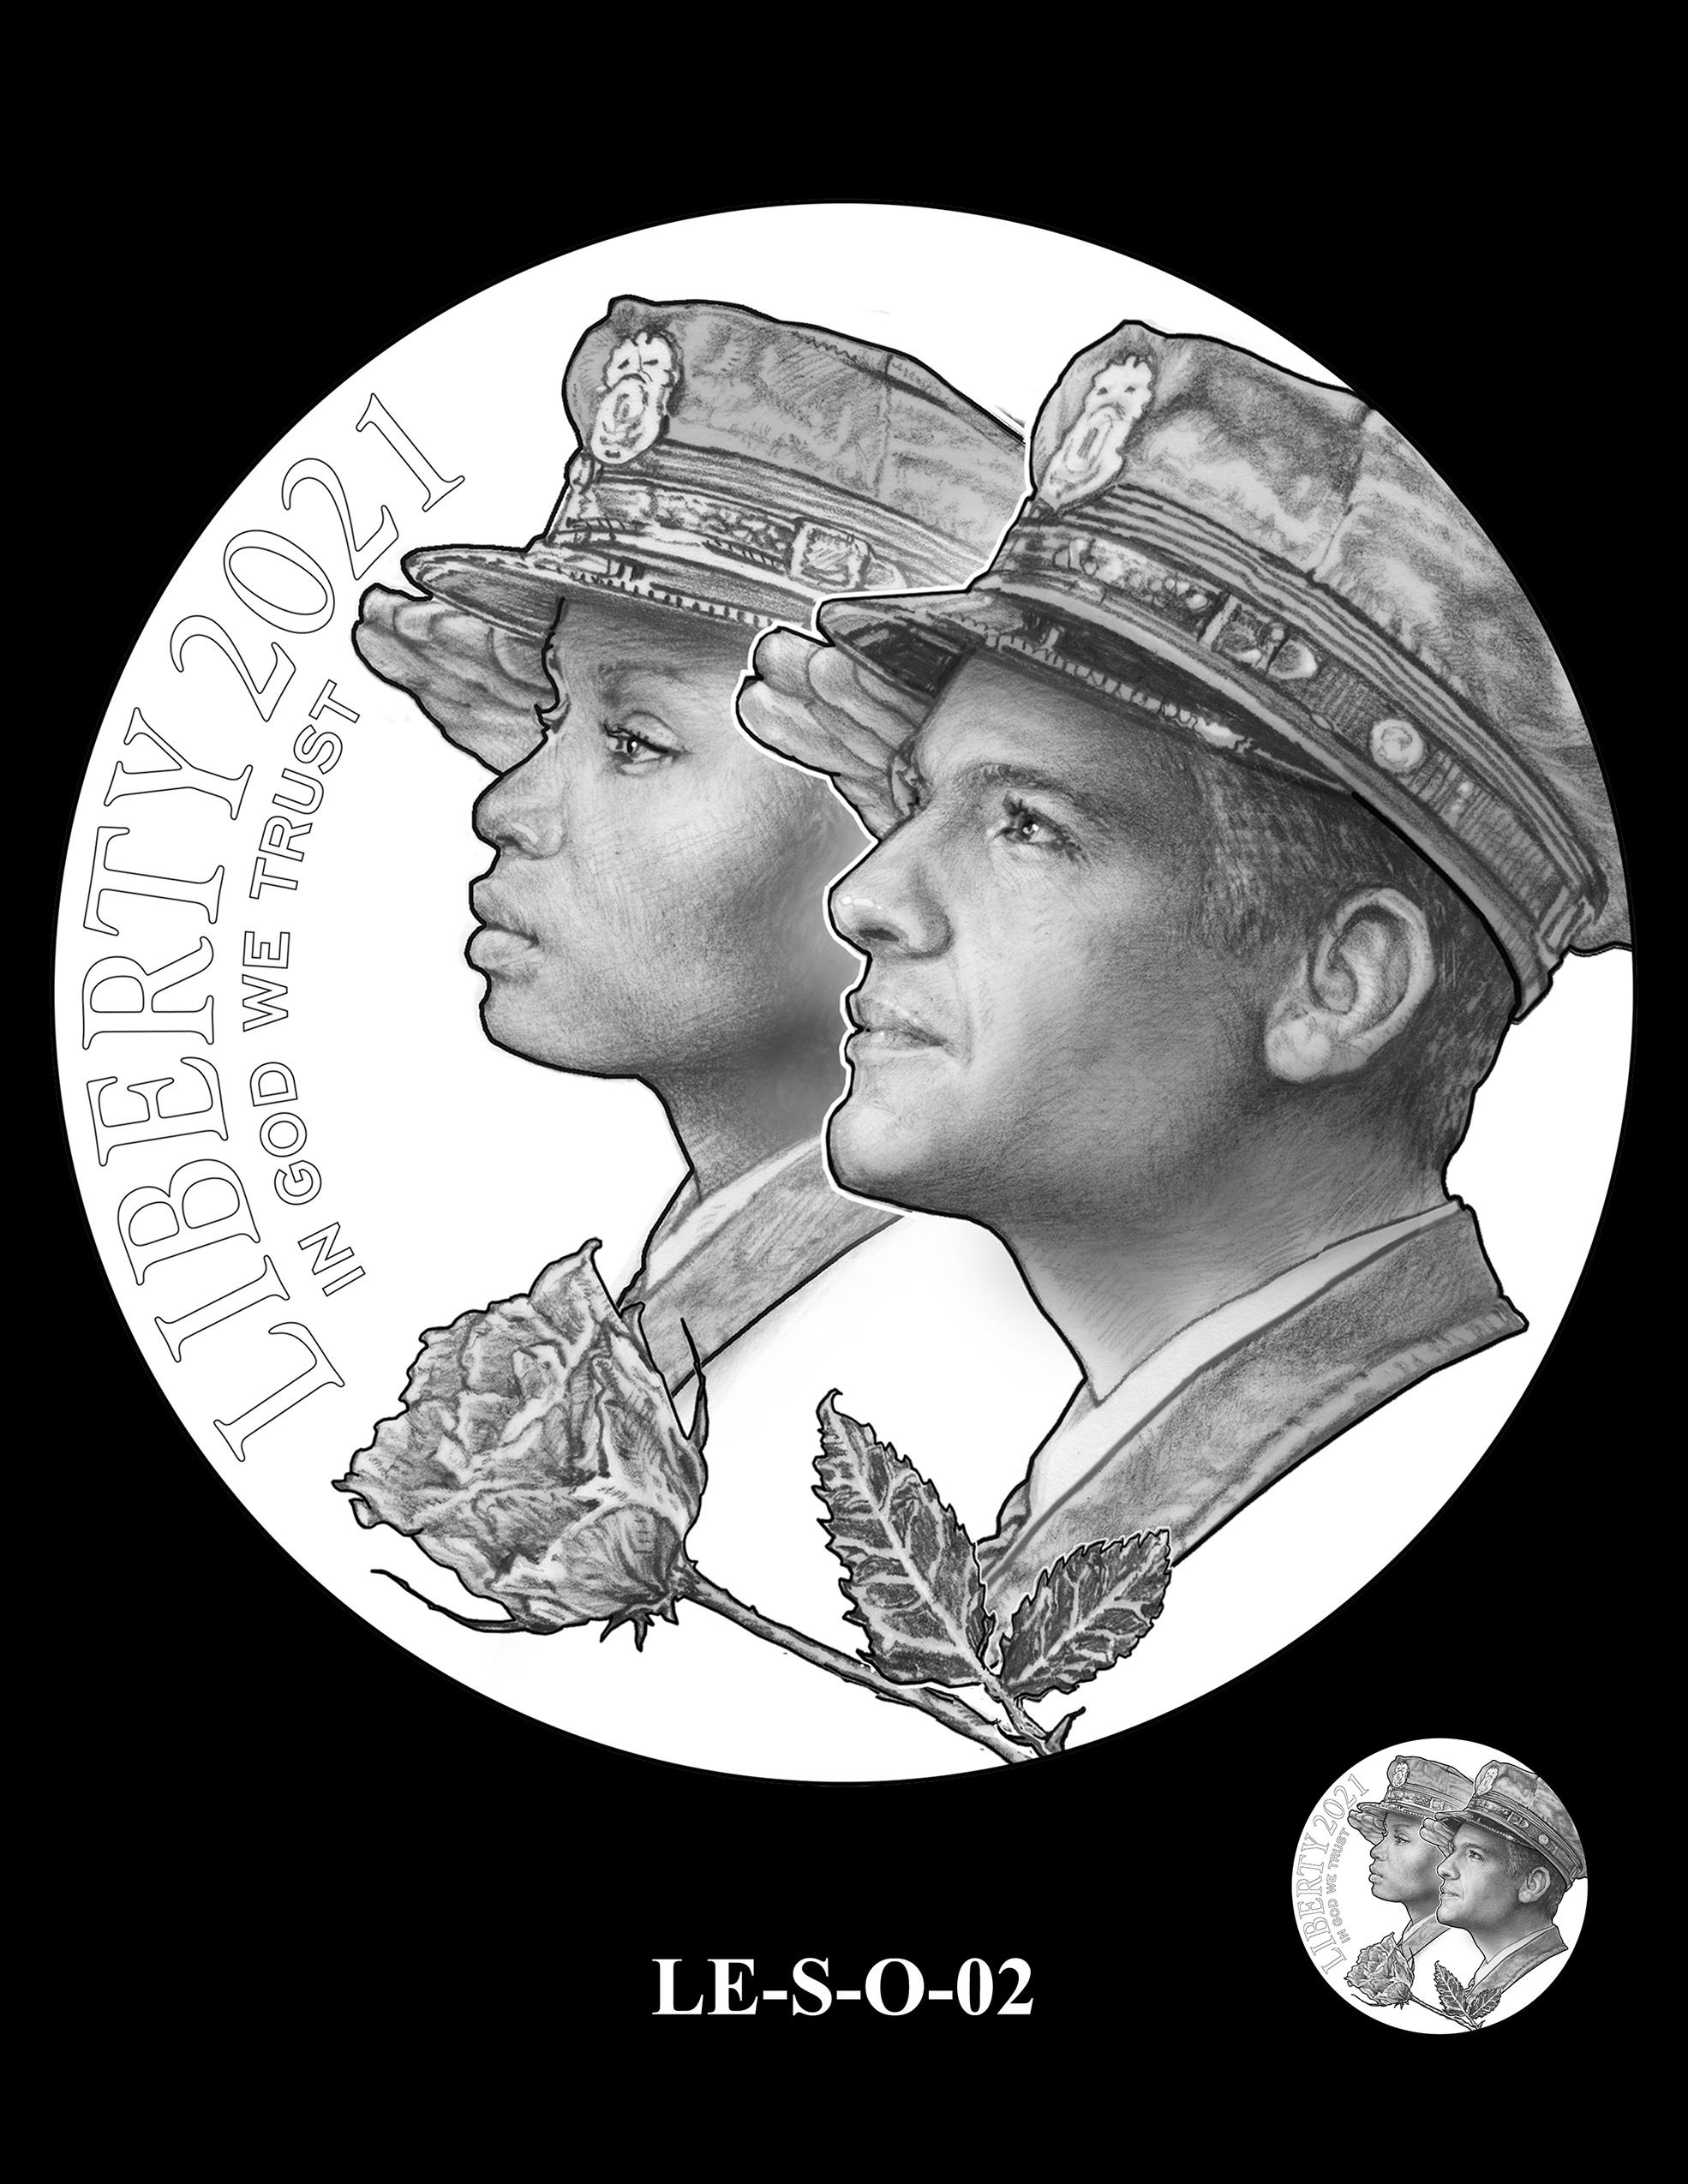 LE-S-O-02 -- National Law Enforcement Museum Commemorative Coin Program